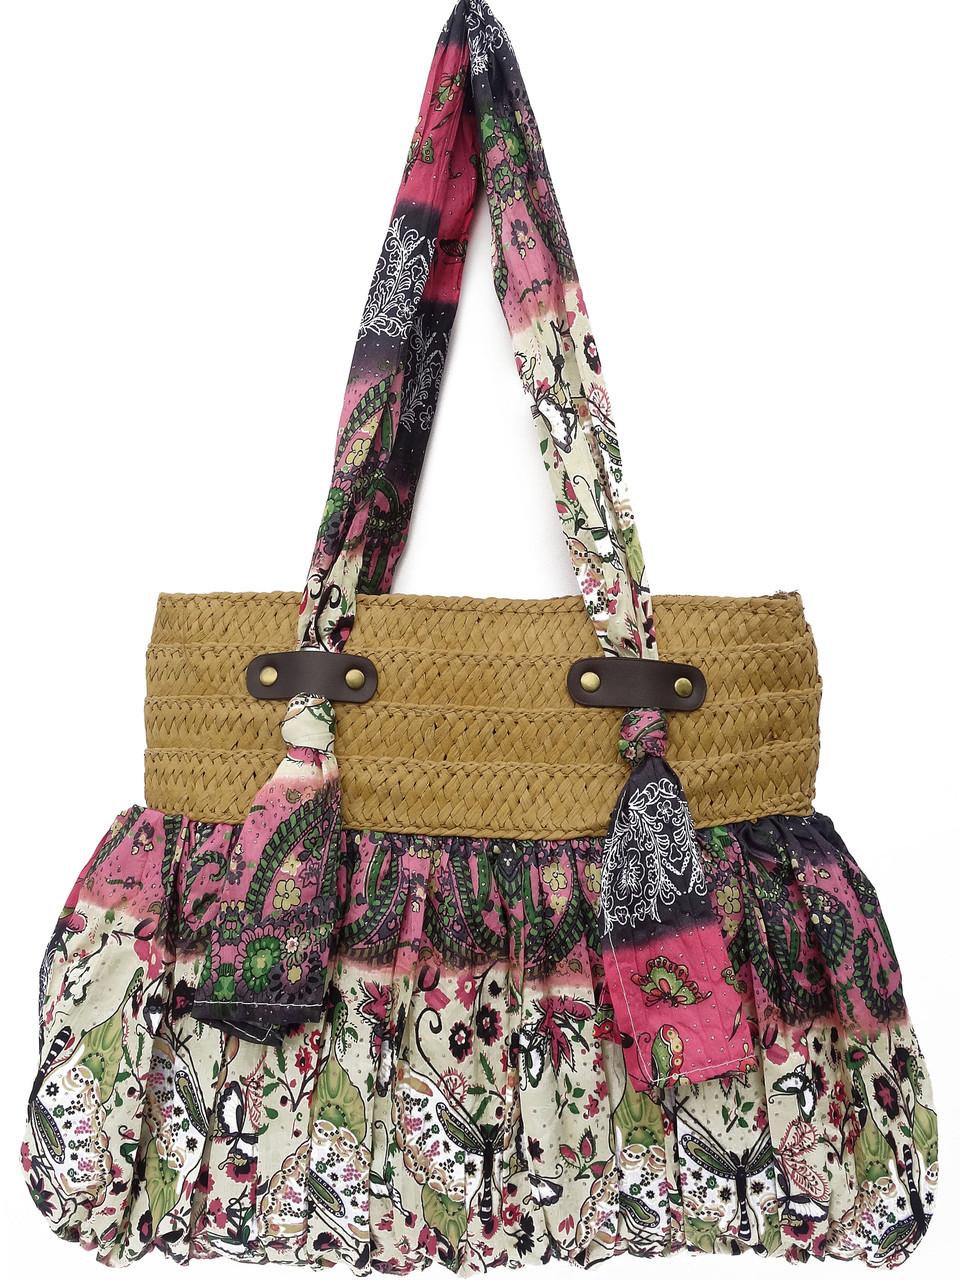 aa9abf62098b Недорогие женские сумки оптом - Женская одежда оптом, женская одежда  больших размеров - Клуб Оптовых